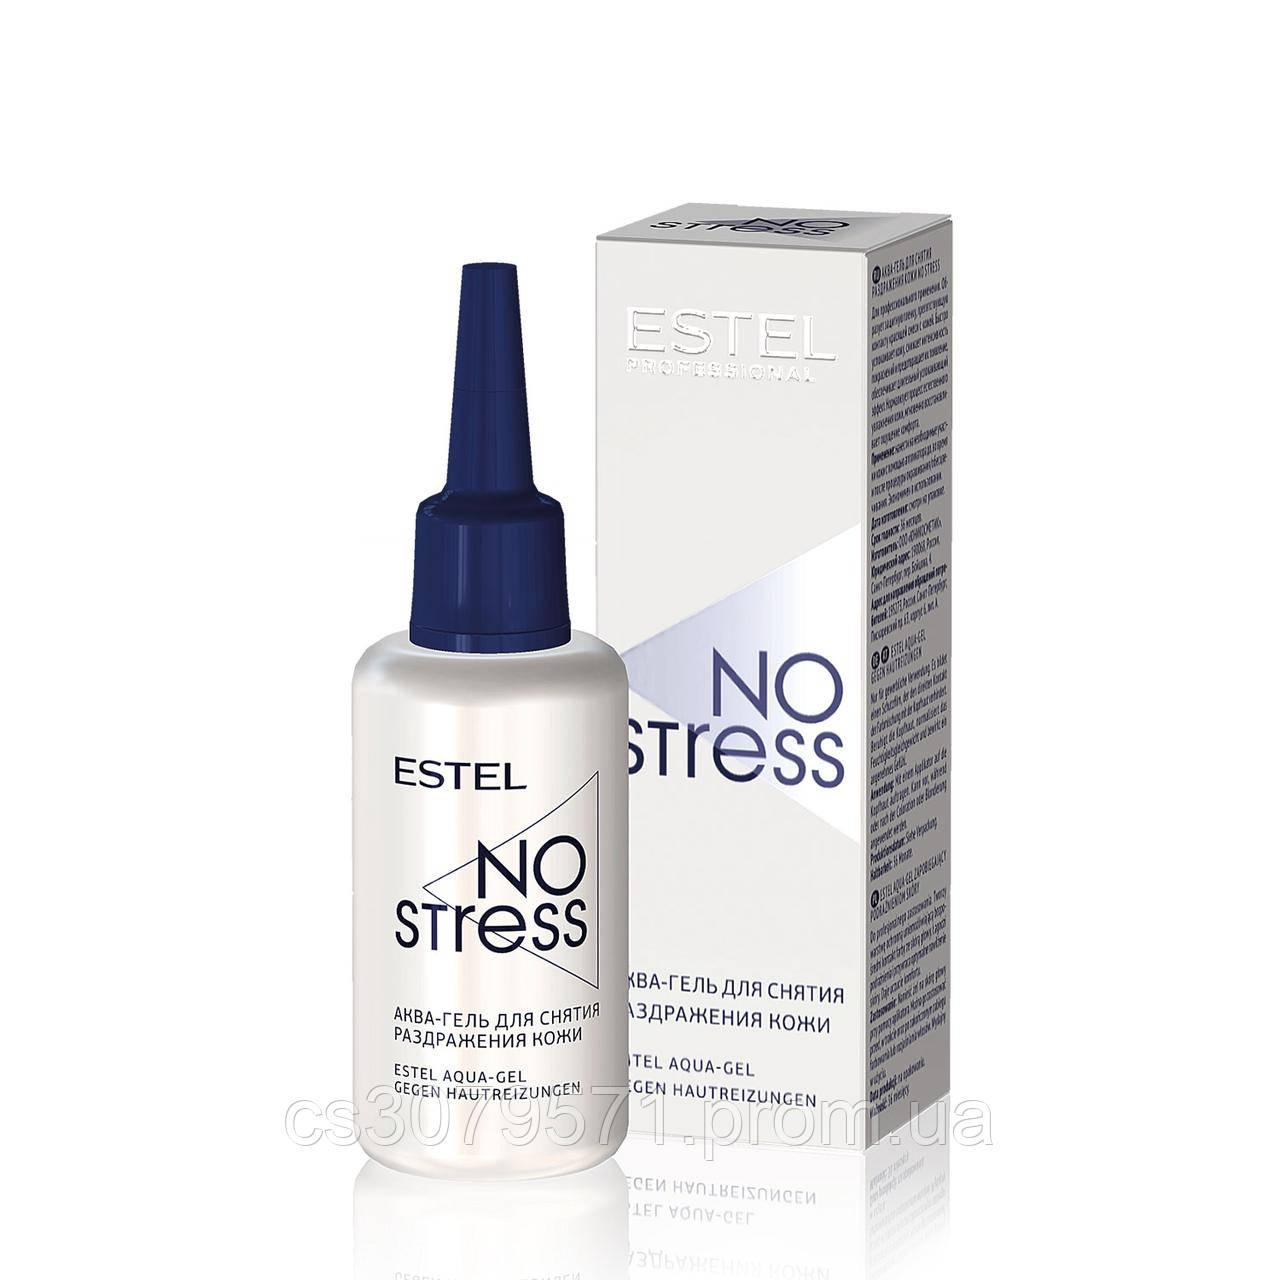 Аква-гель для снятия раздражения с кожи Estel Professional No Stress, 30 мл